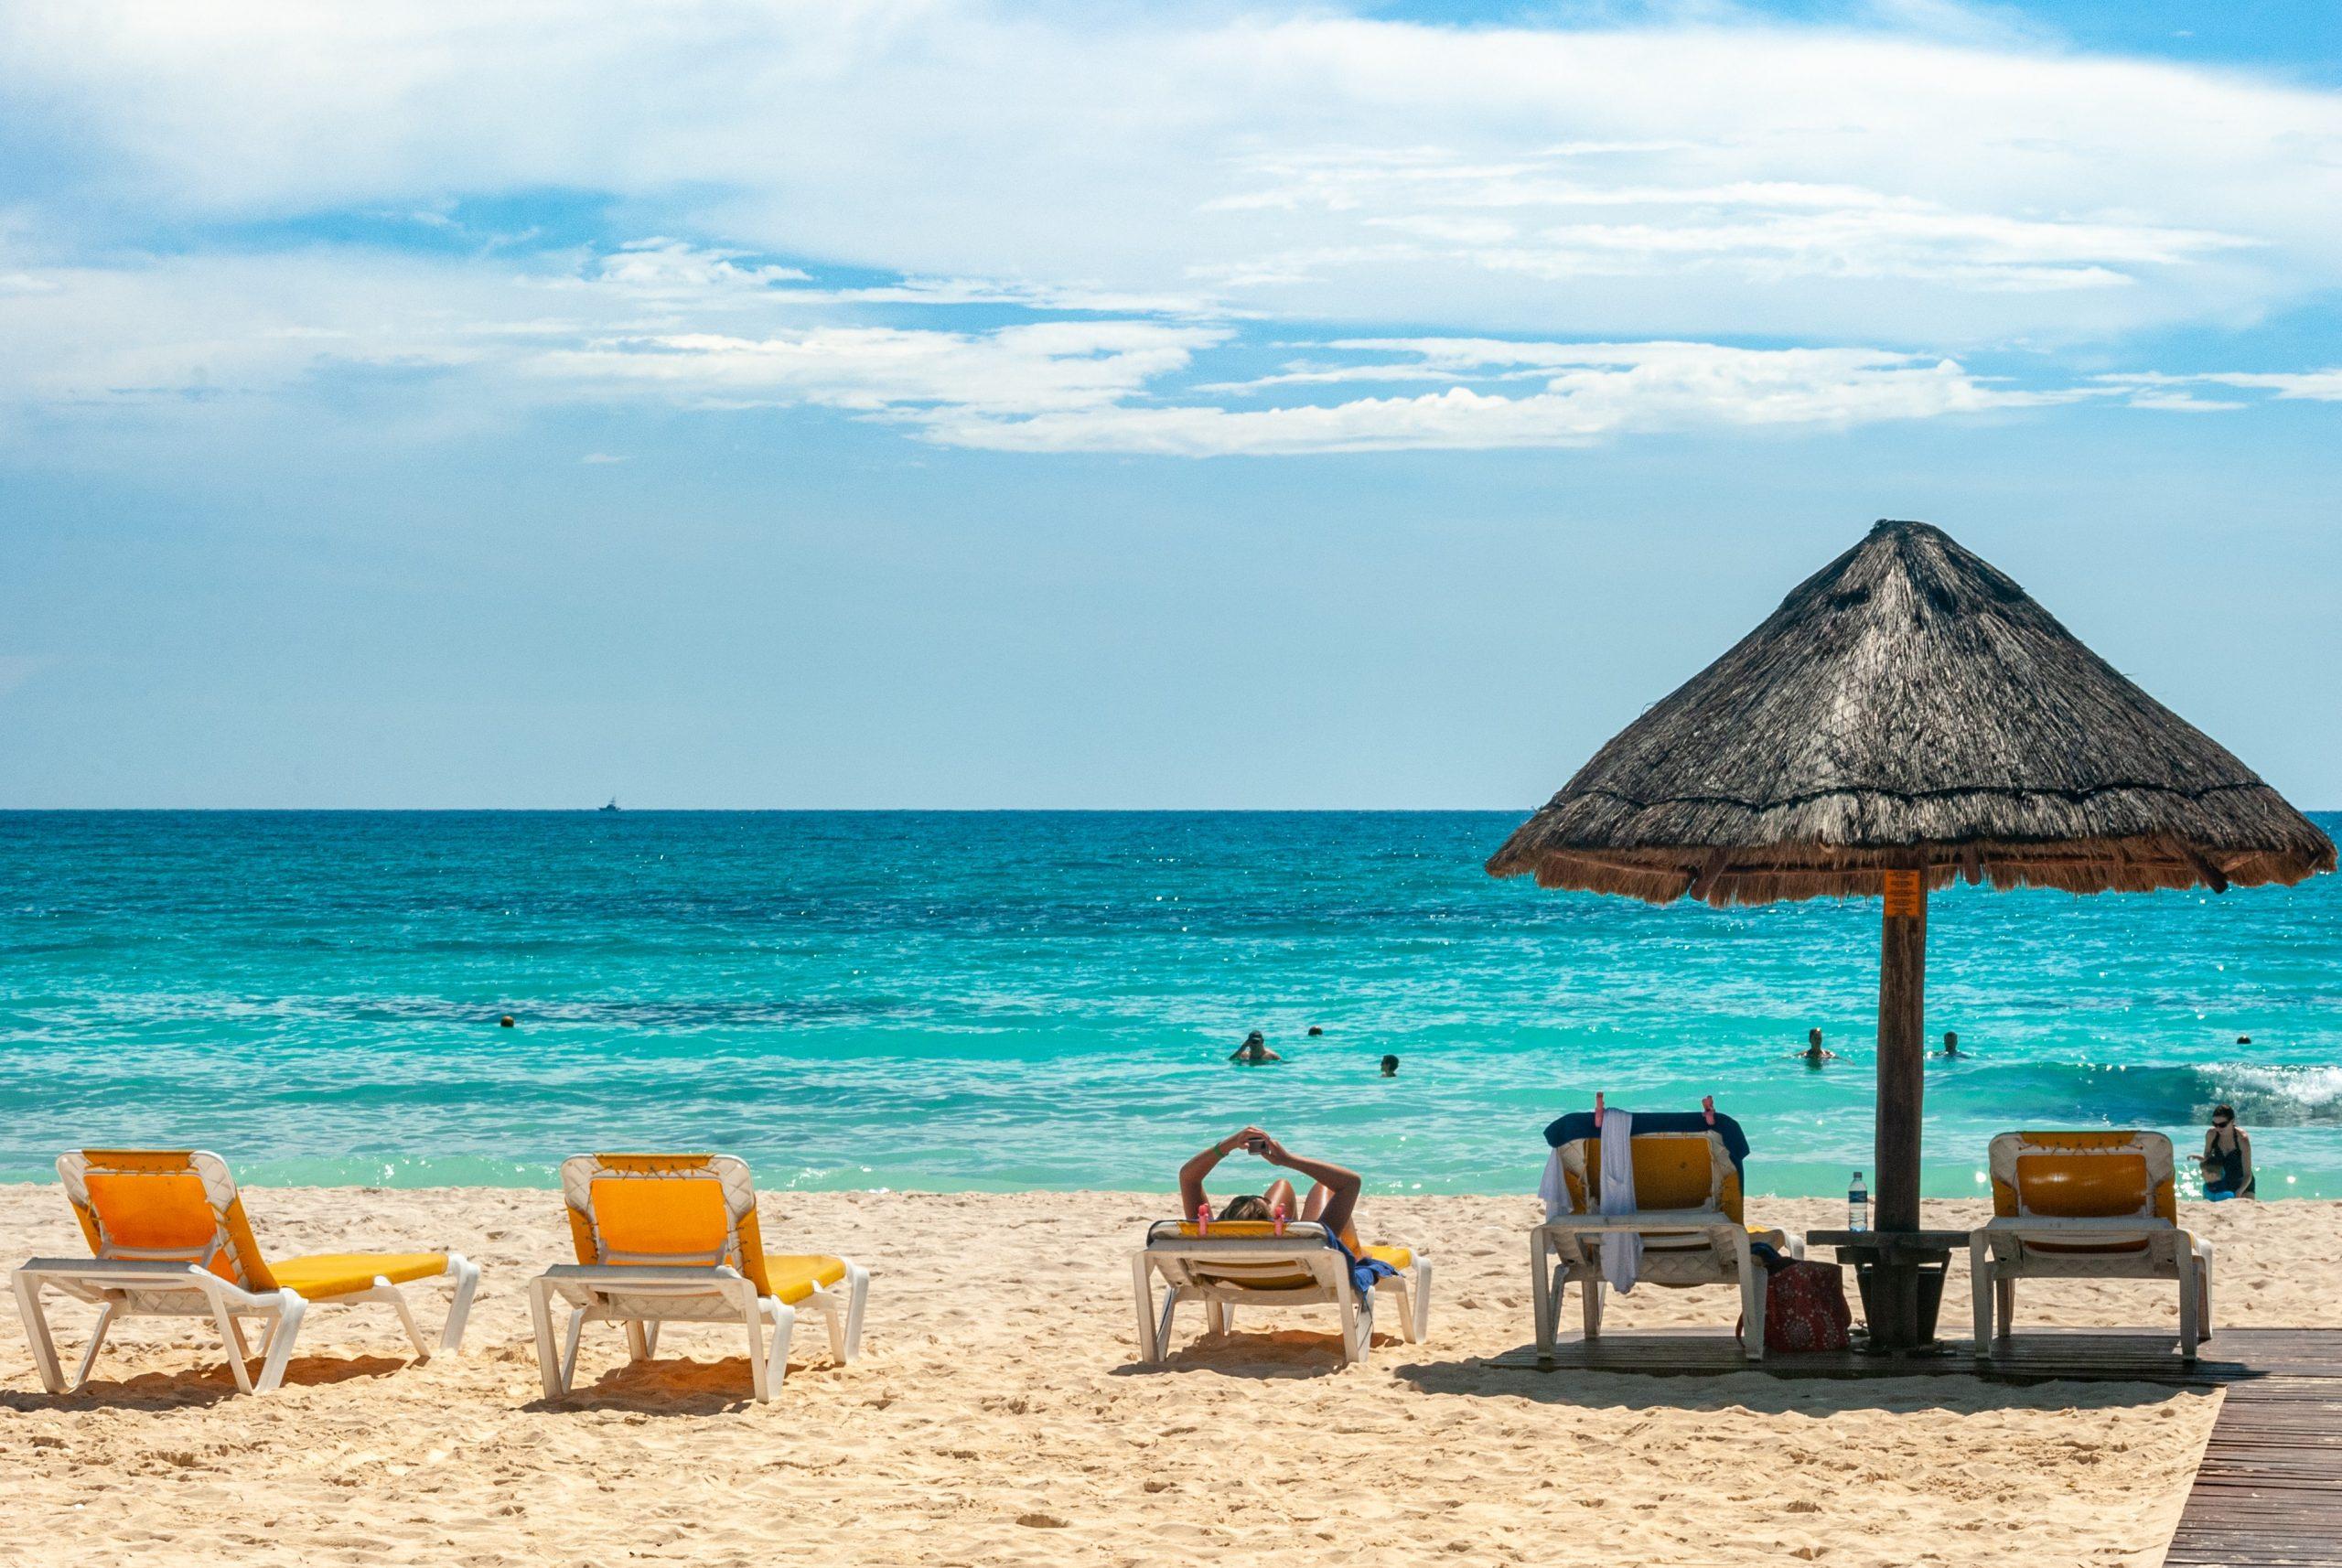 Corona en vakantie(dagen). Hoe zit het nou precies?